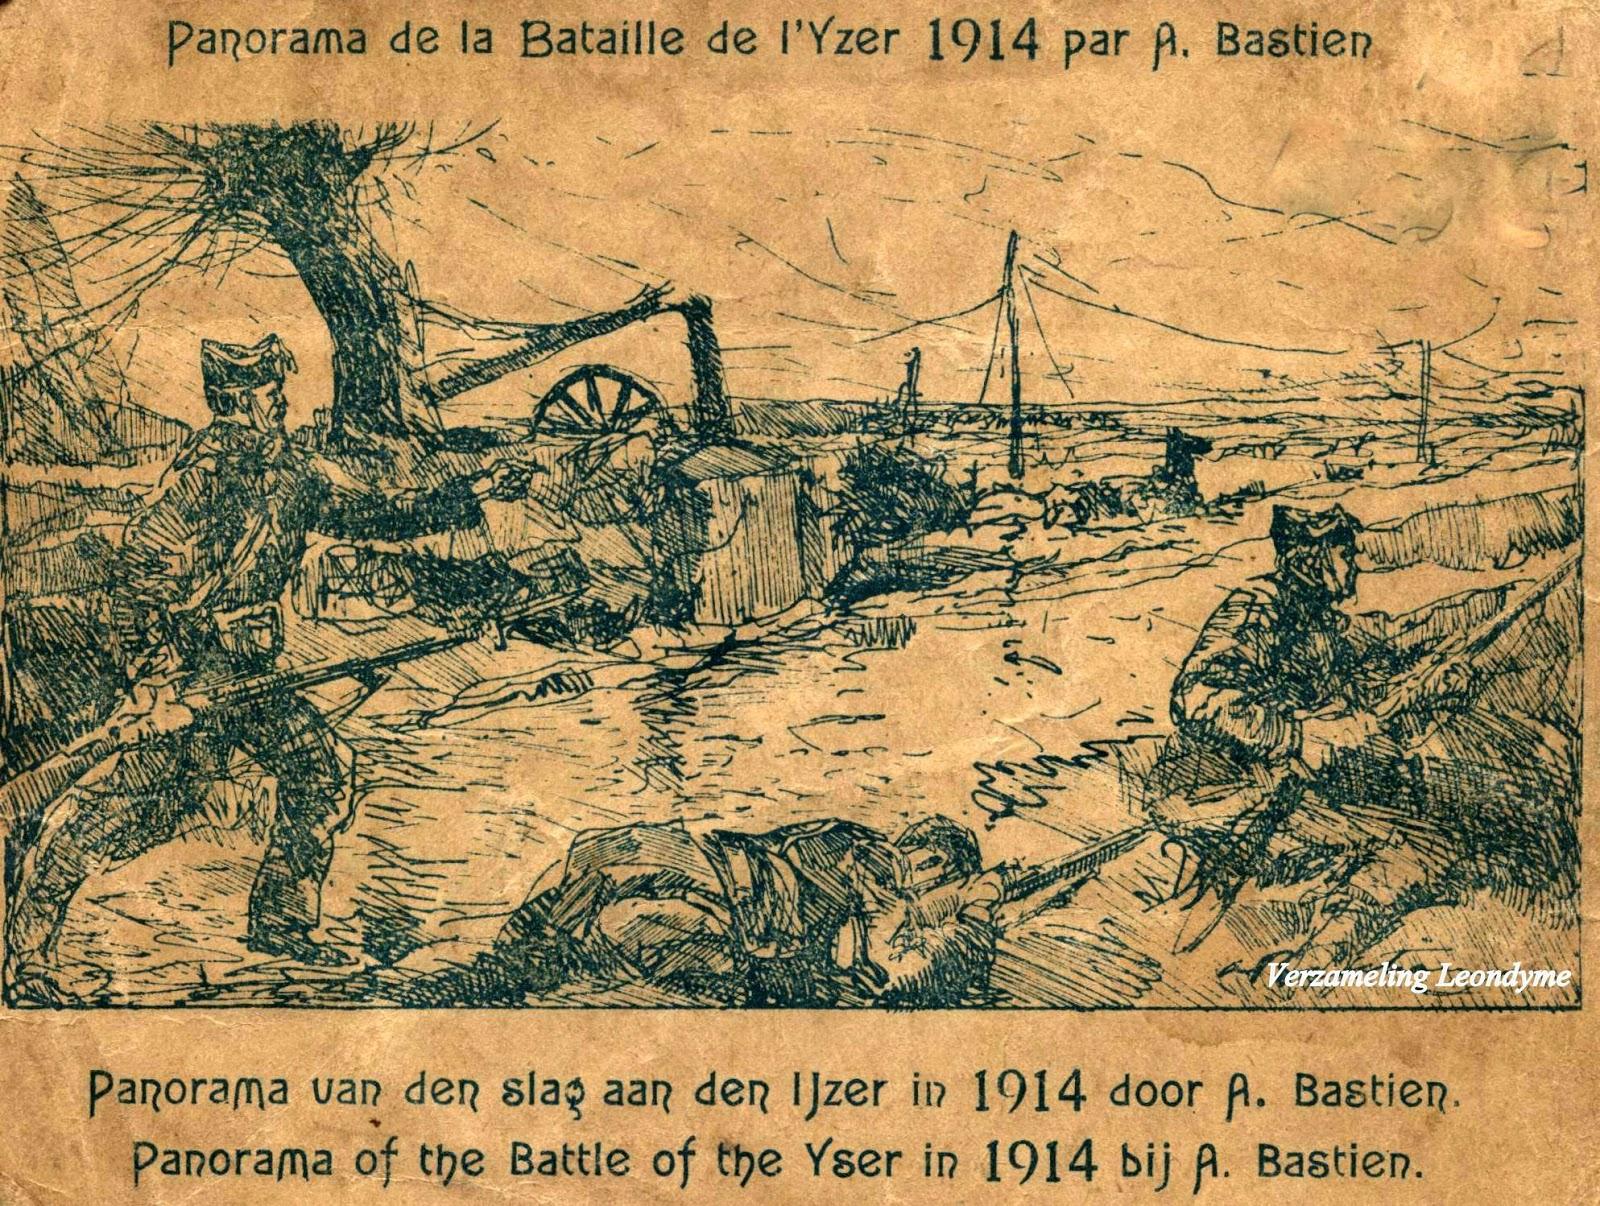 Slag aan de IJzer van 1914. Naar een verslag van Alfred Bastien. Verzameling Leondyme